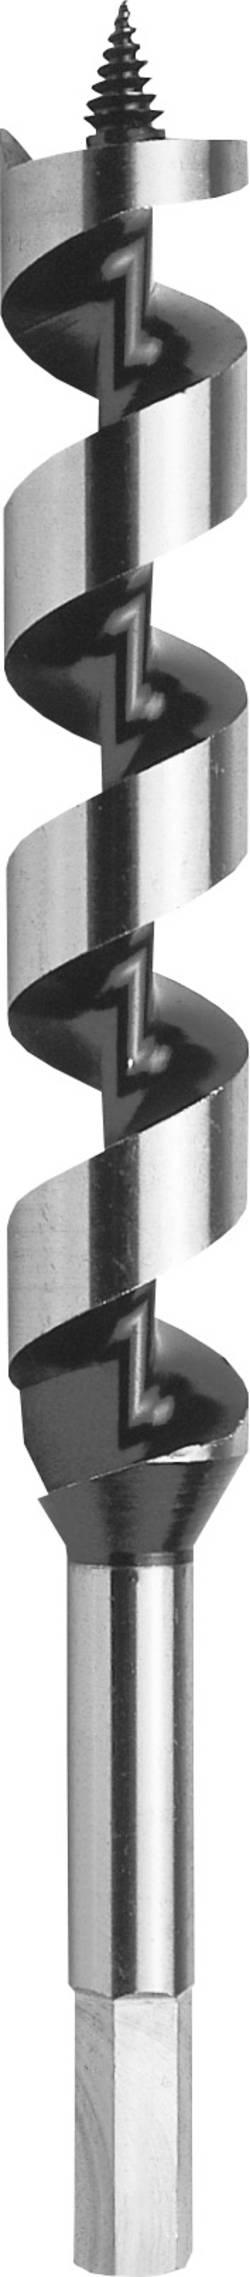 Mèche à bois hélicoïdale, 6 pans 18,0 x 160 x 235 mm Bosch 2609255244